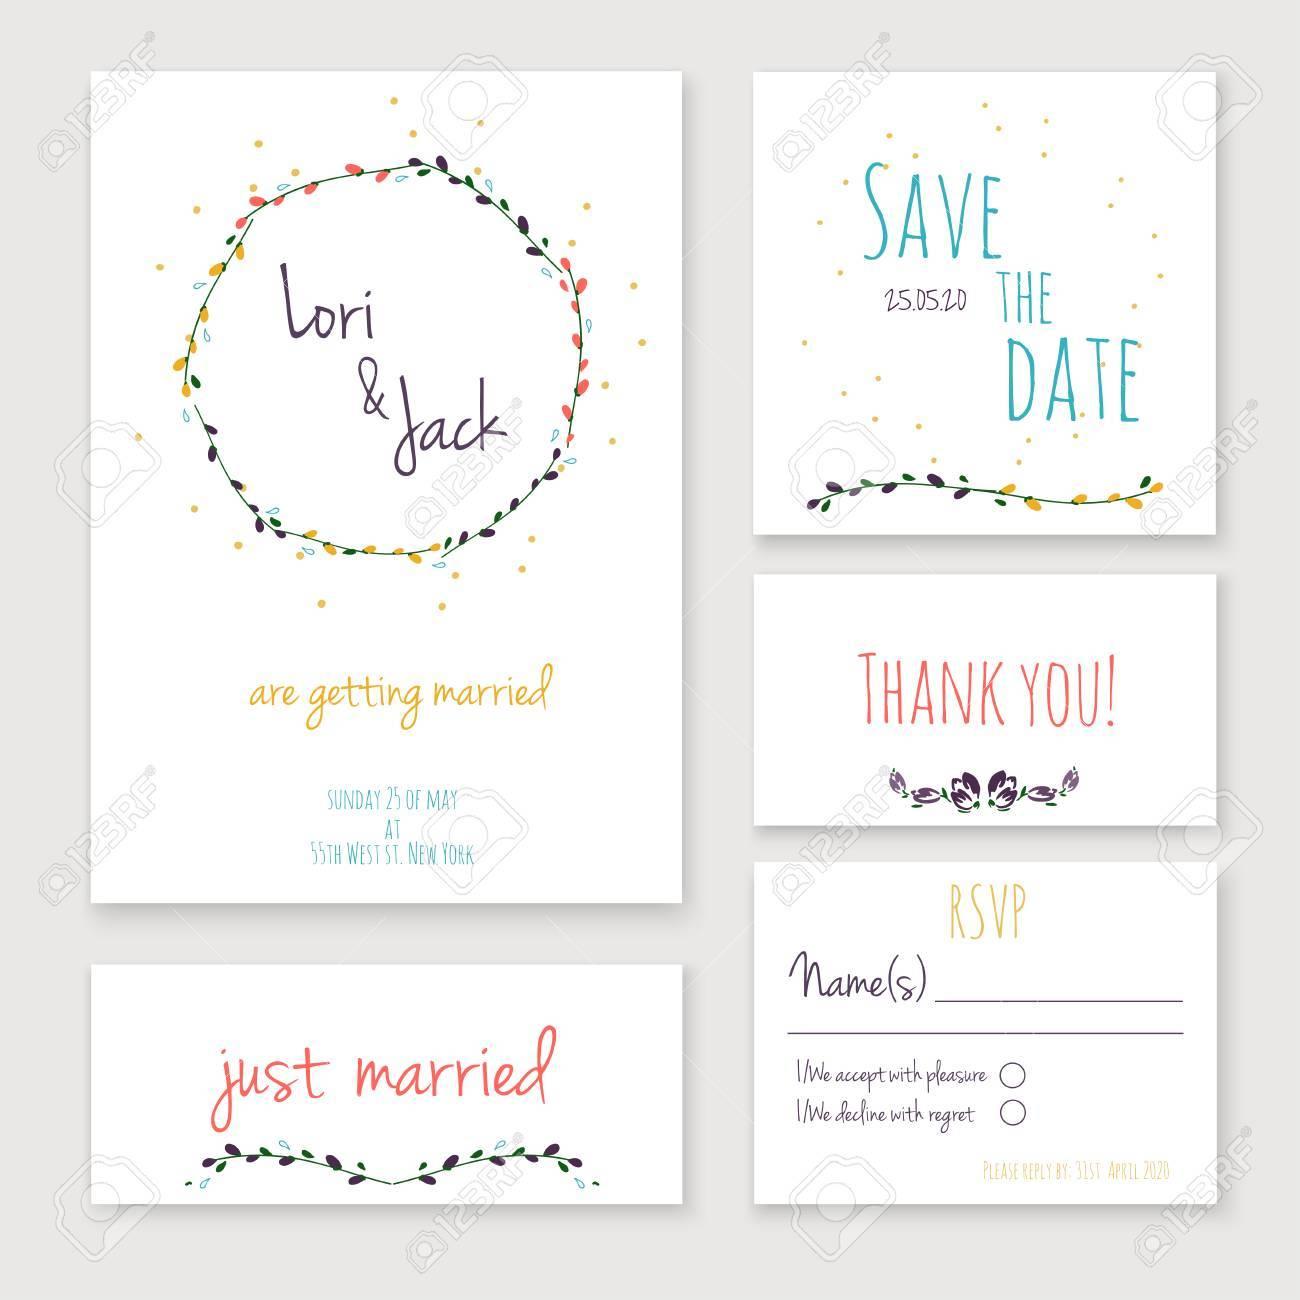 Hochzeitseinladungskarte Gesetzt Dankeschon Karte Retten Die